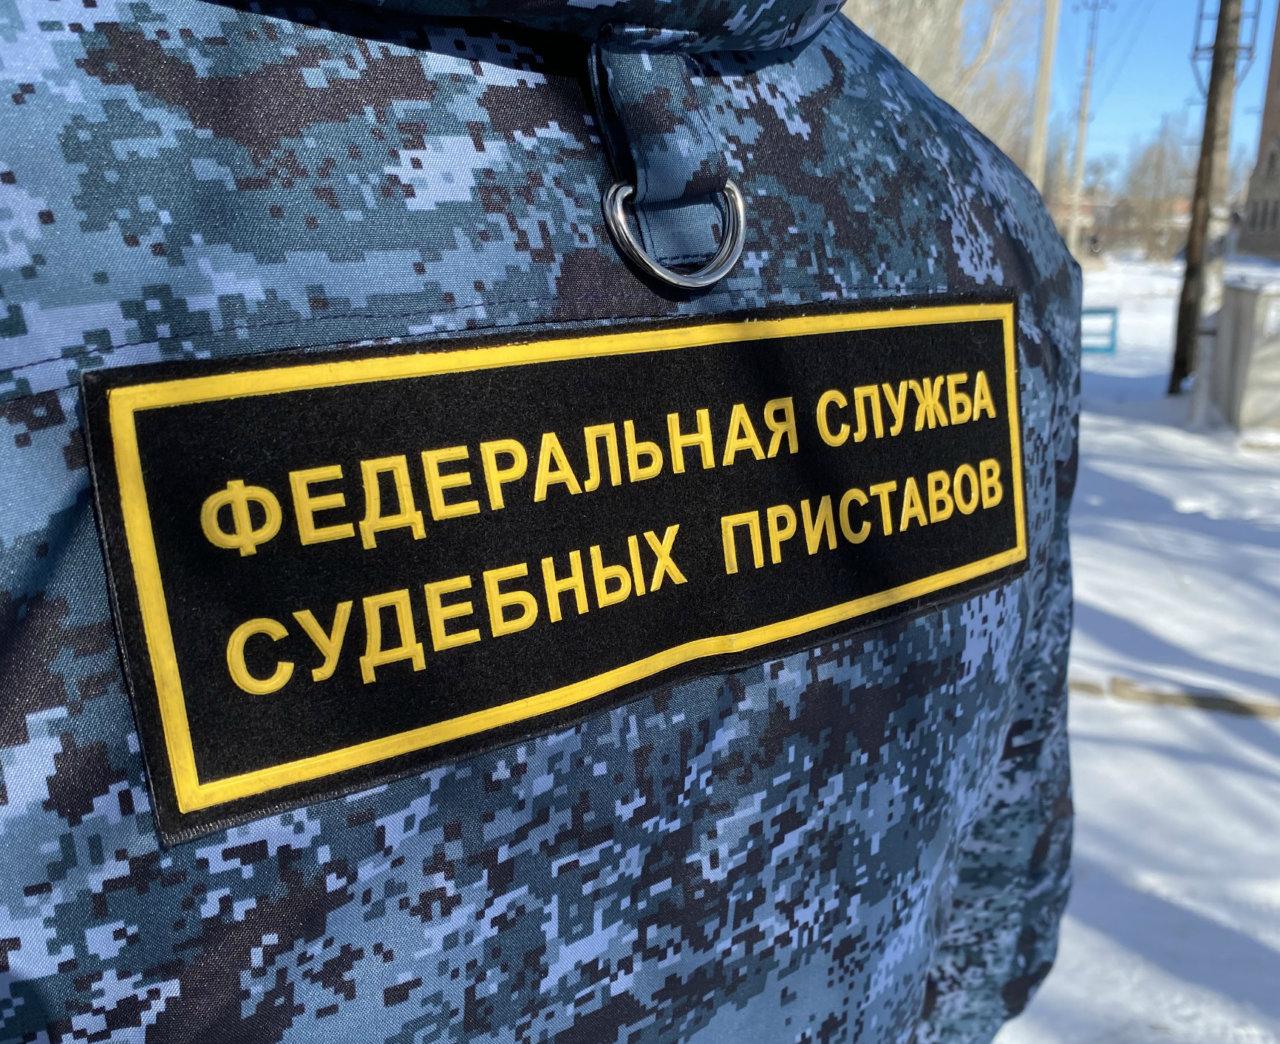 Астраханка нашла почти миллион рублей на кредит, чтобы не потерять свою квартиру